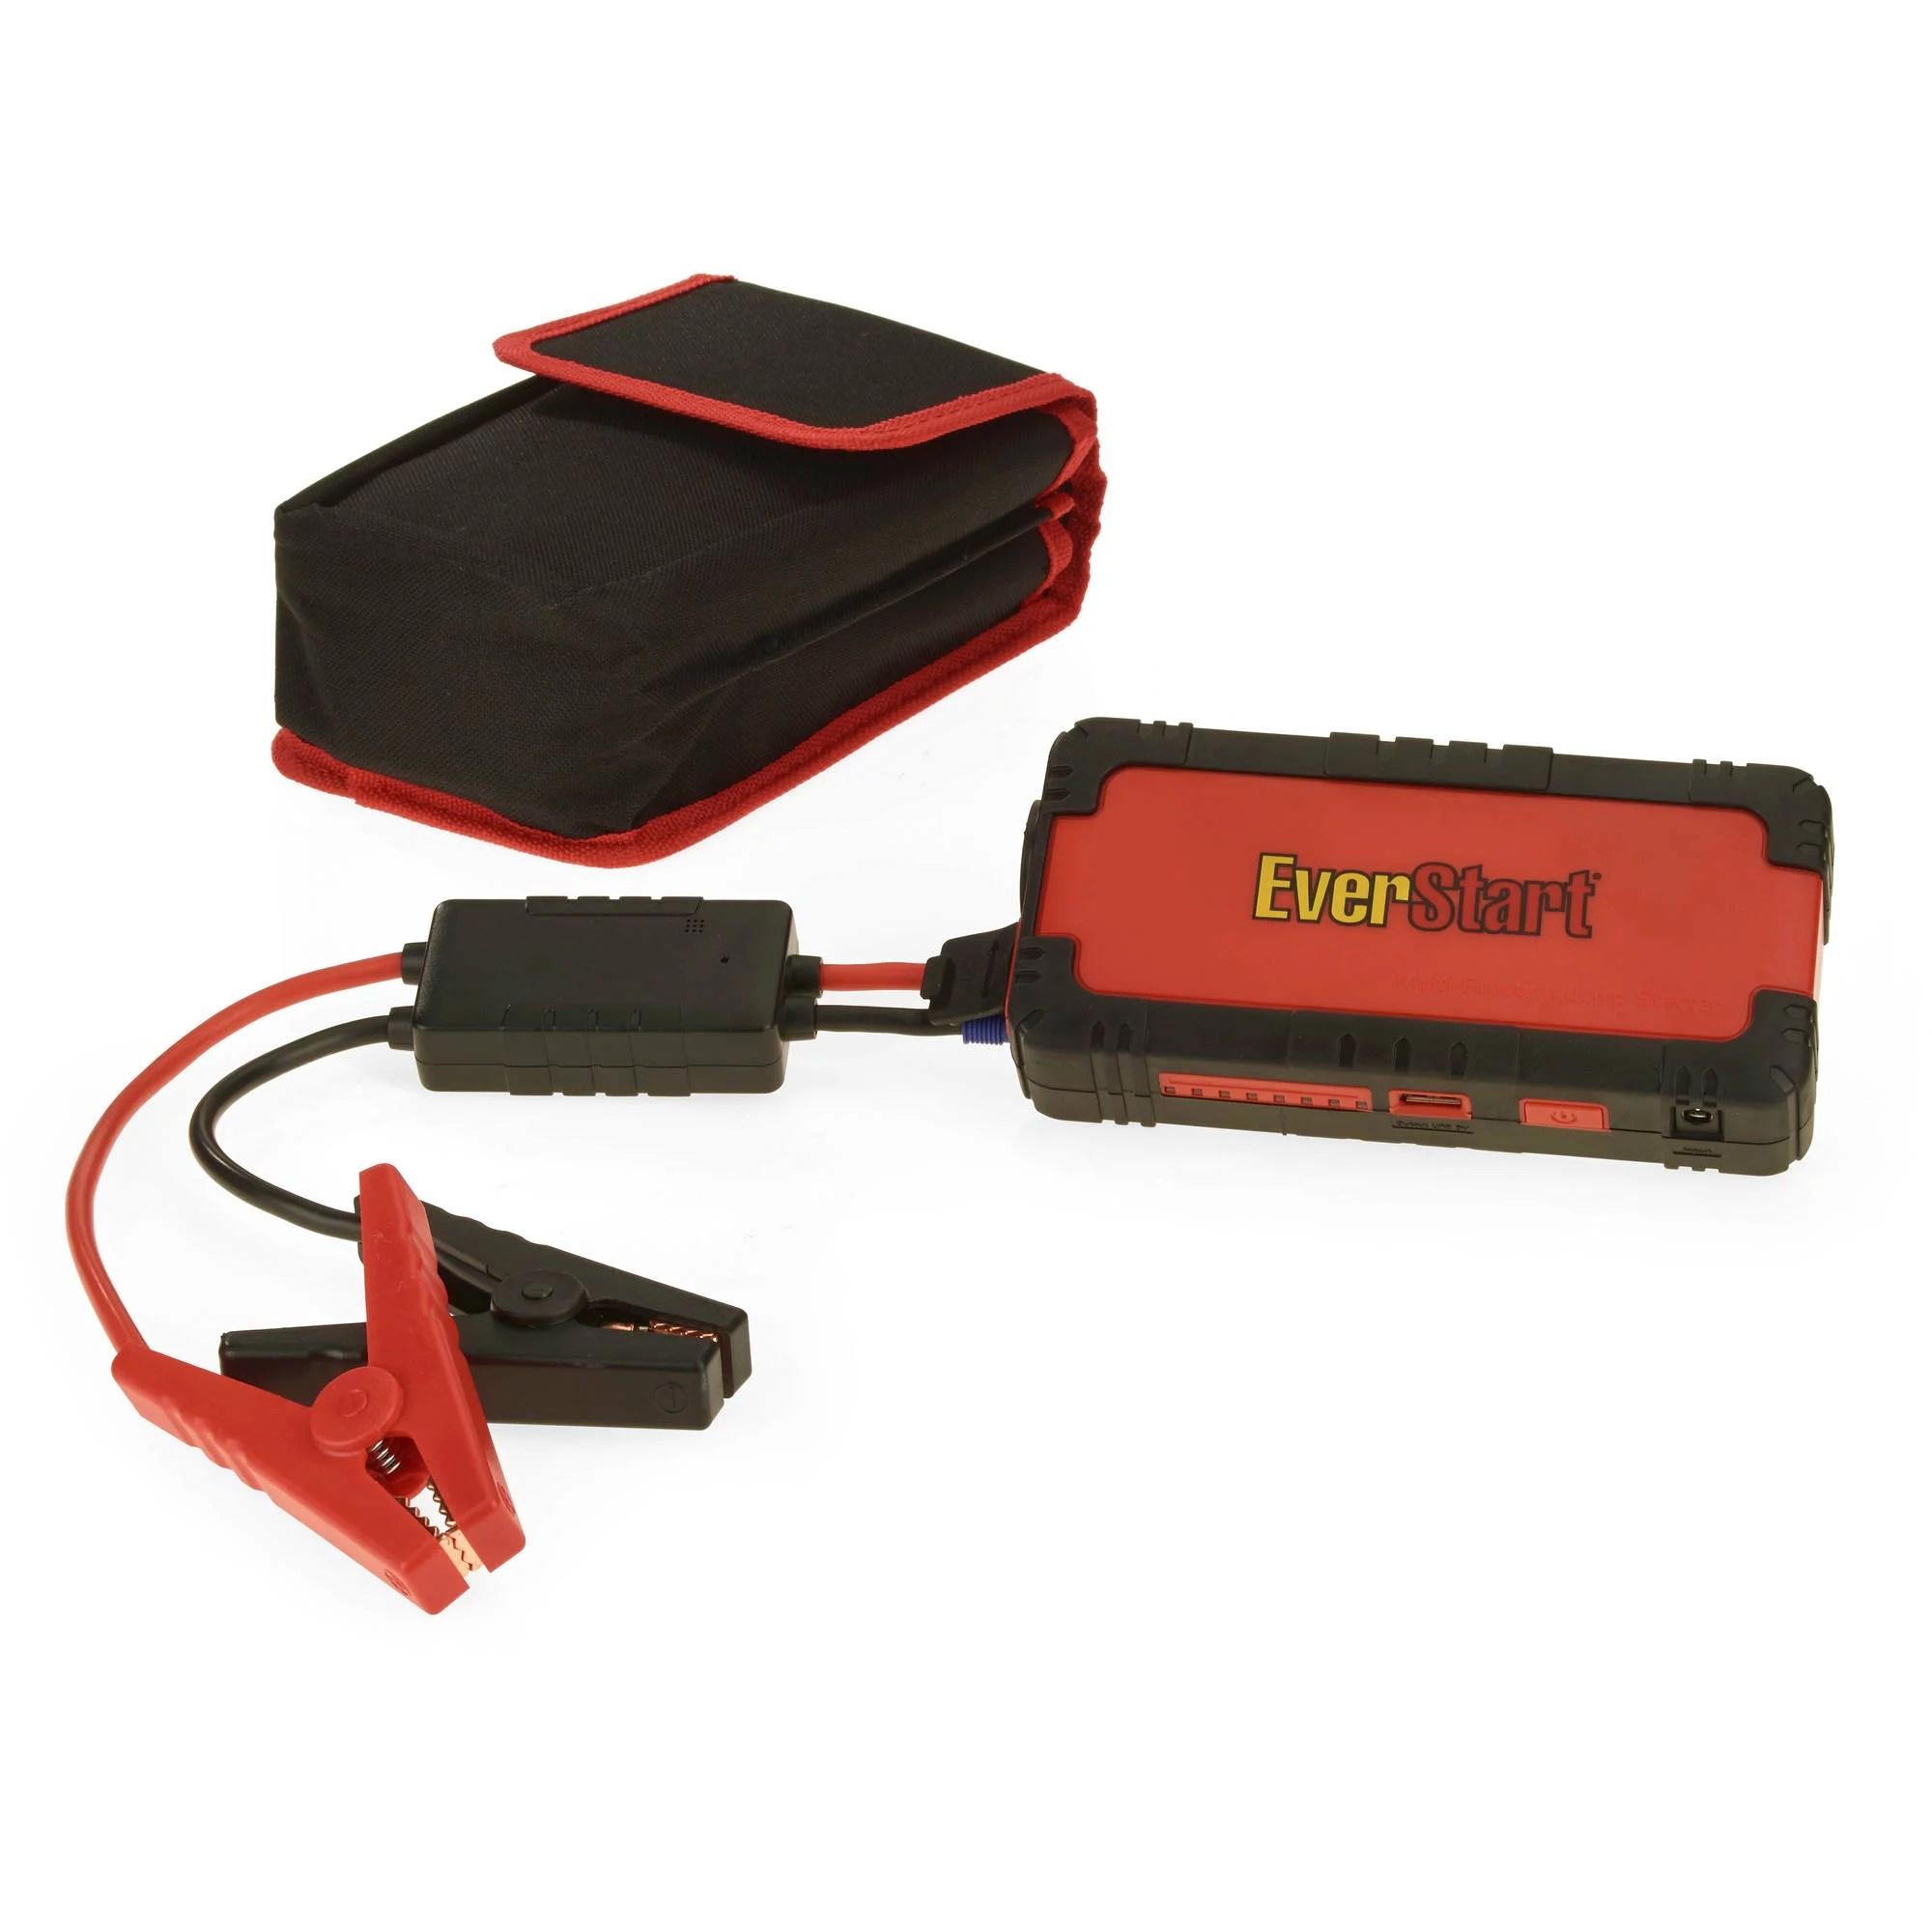 hight resolution of everstart multi function jump starter battery charger schumacher battery charger wiring diagram wiring diagram everstart 200 battery charger